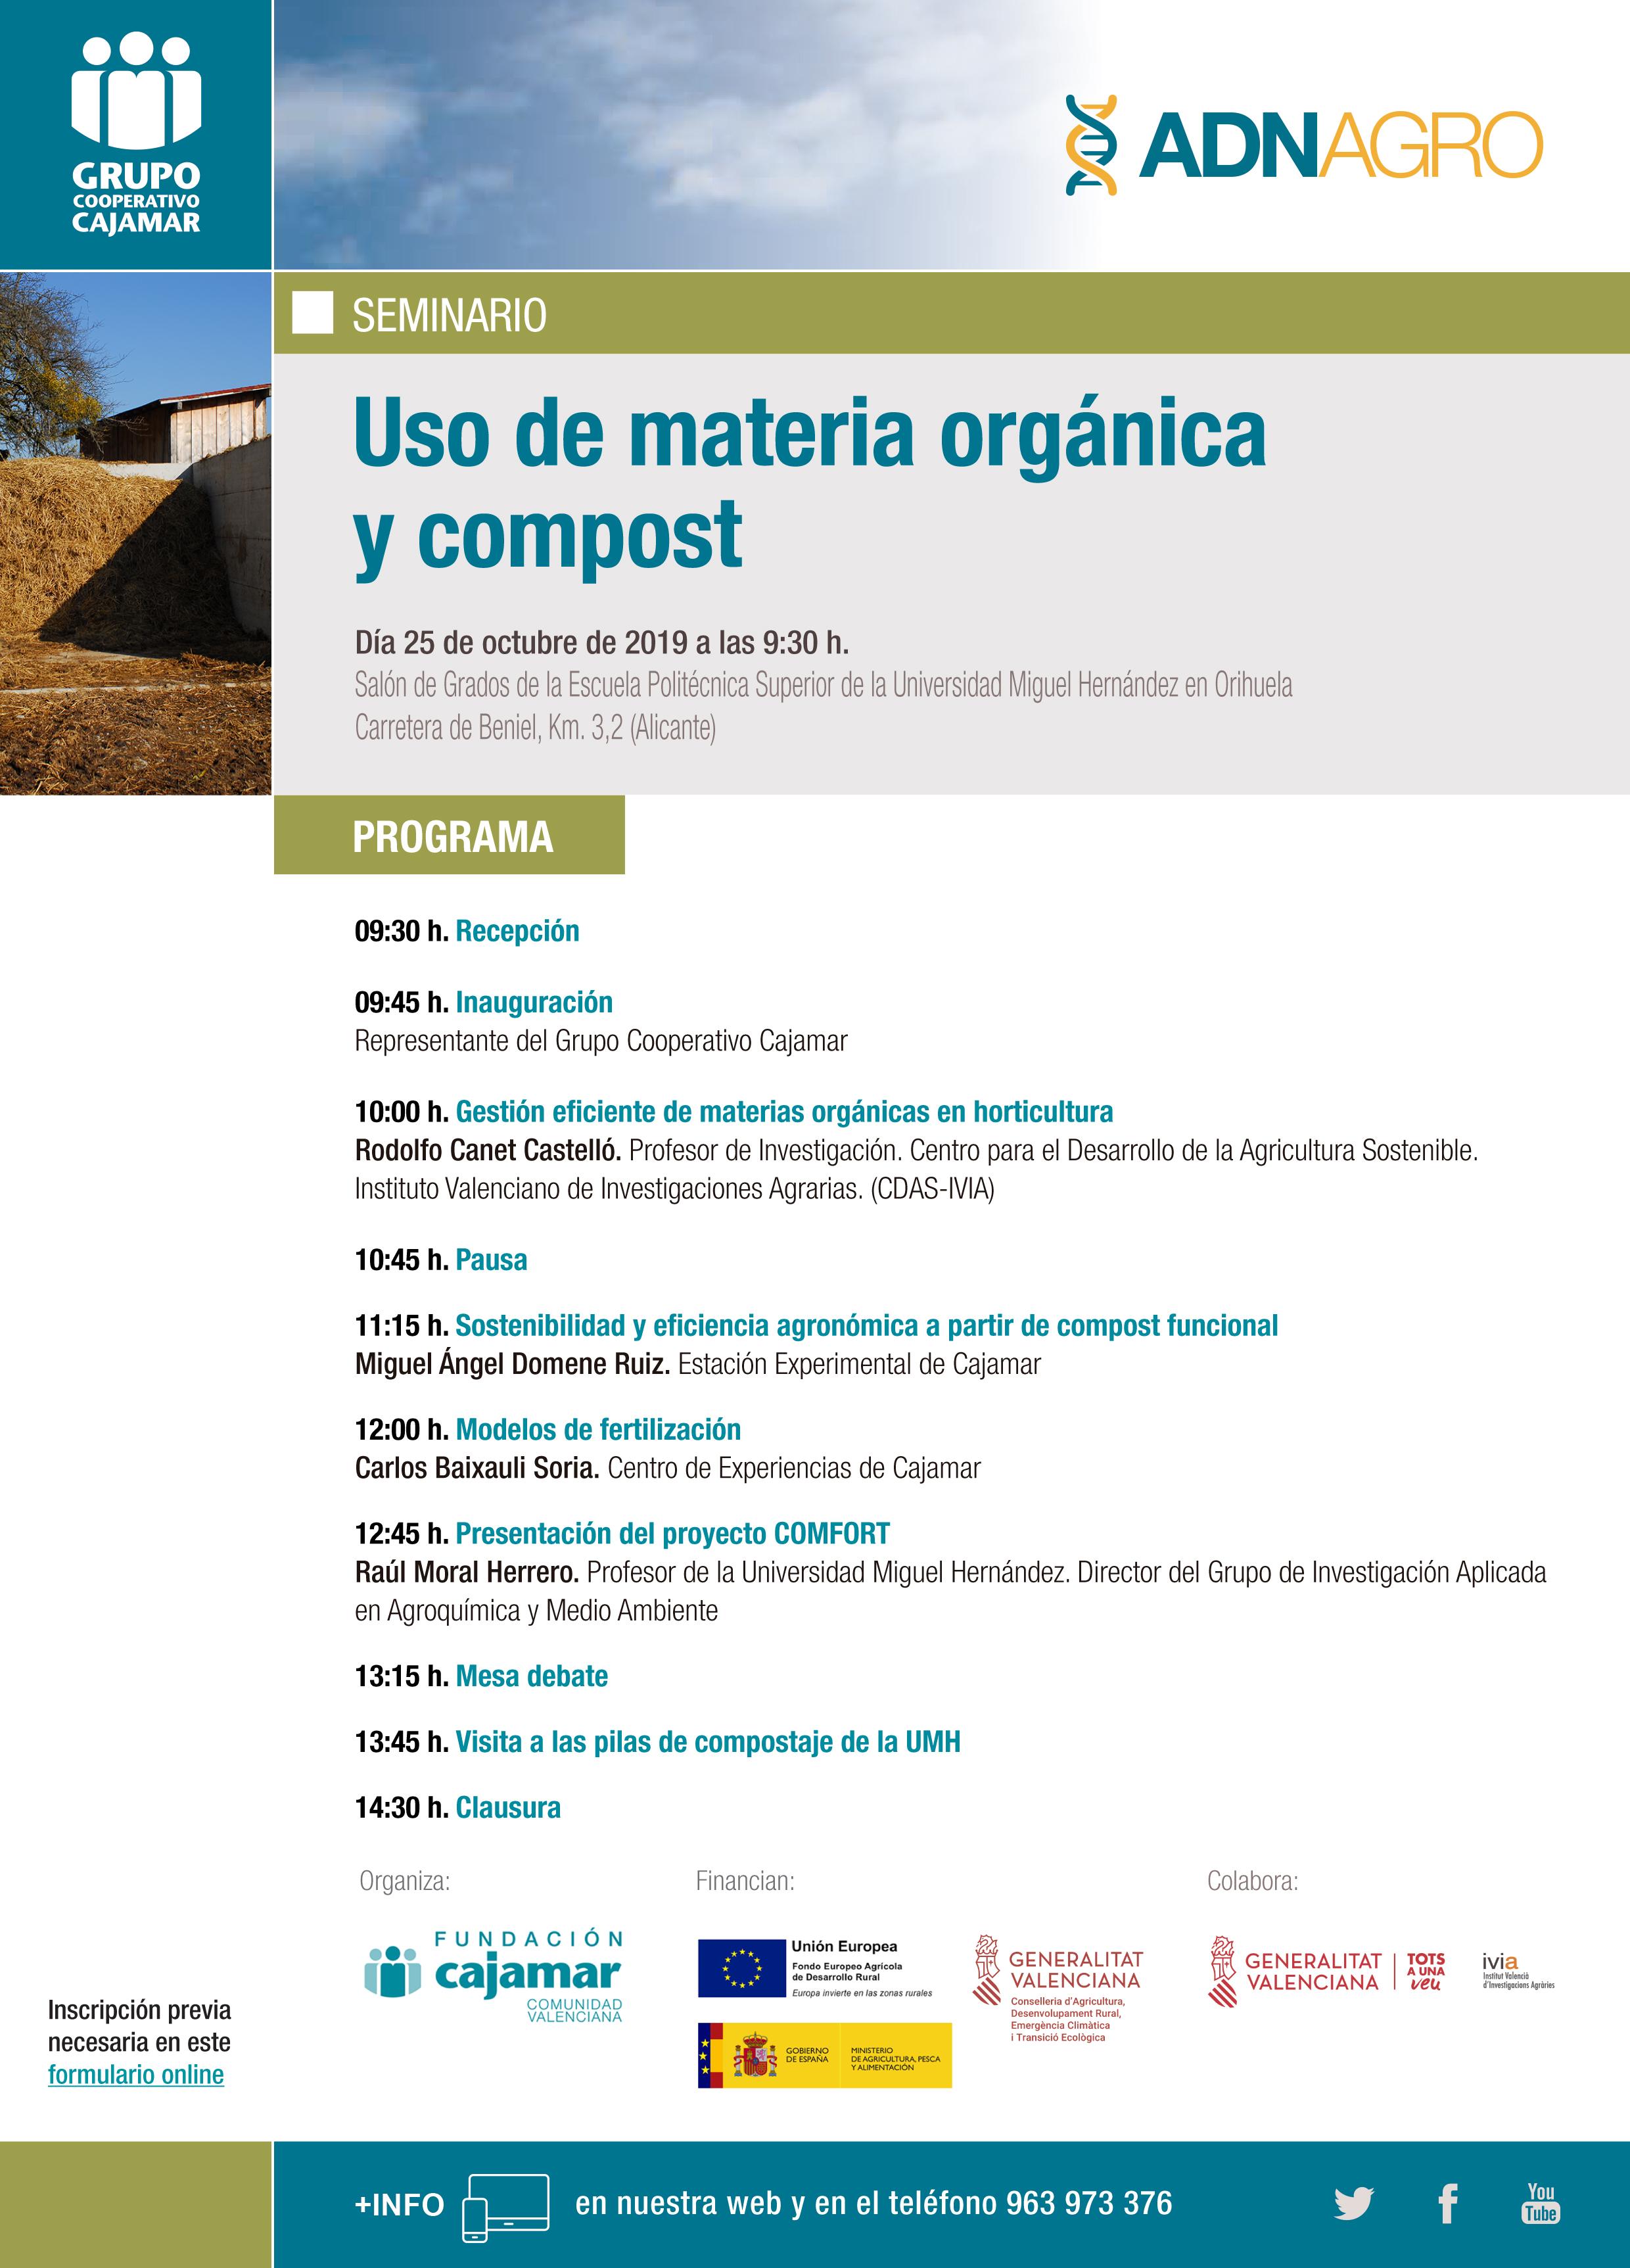 Seminario sobre el uso de materia orgánica y compost, con la Fundación Cajamar Comunidad Valenciana